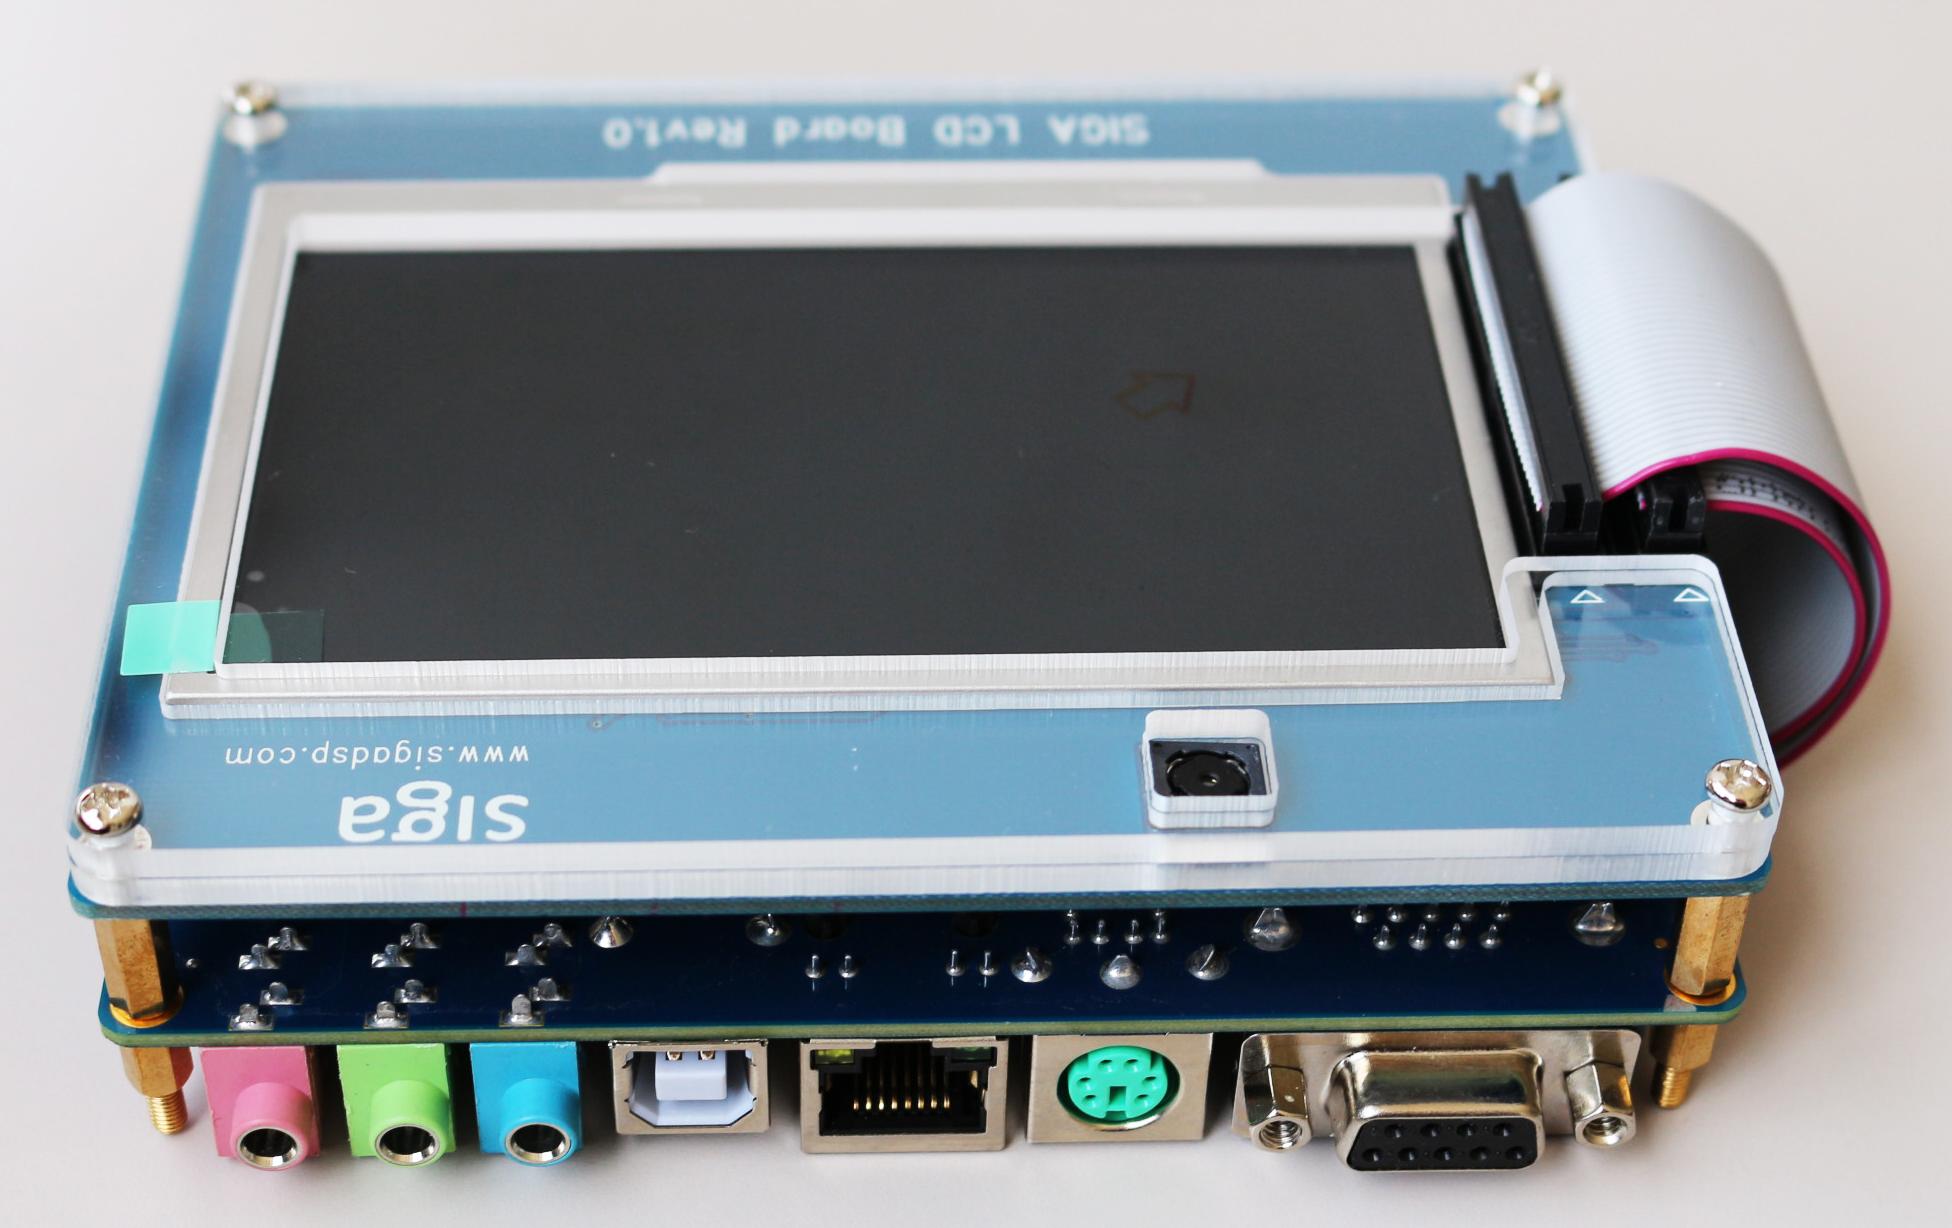 """【送料無料】Xilinx Spartan6 XC6SLX16  FPGAボード+4.3""""TFT LCDボード(500万画素OV5640カメライメージセンサー付き)"""